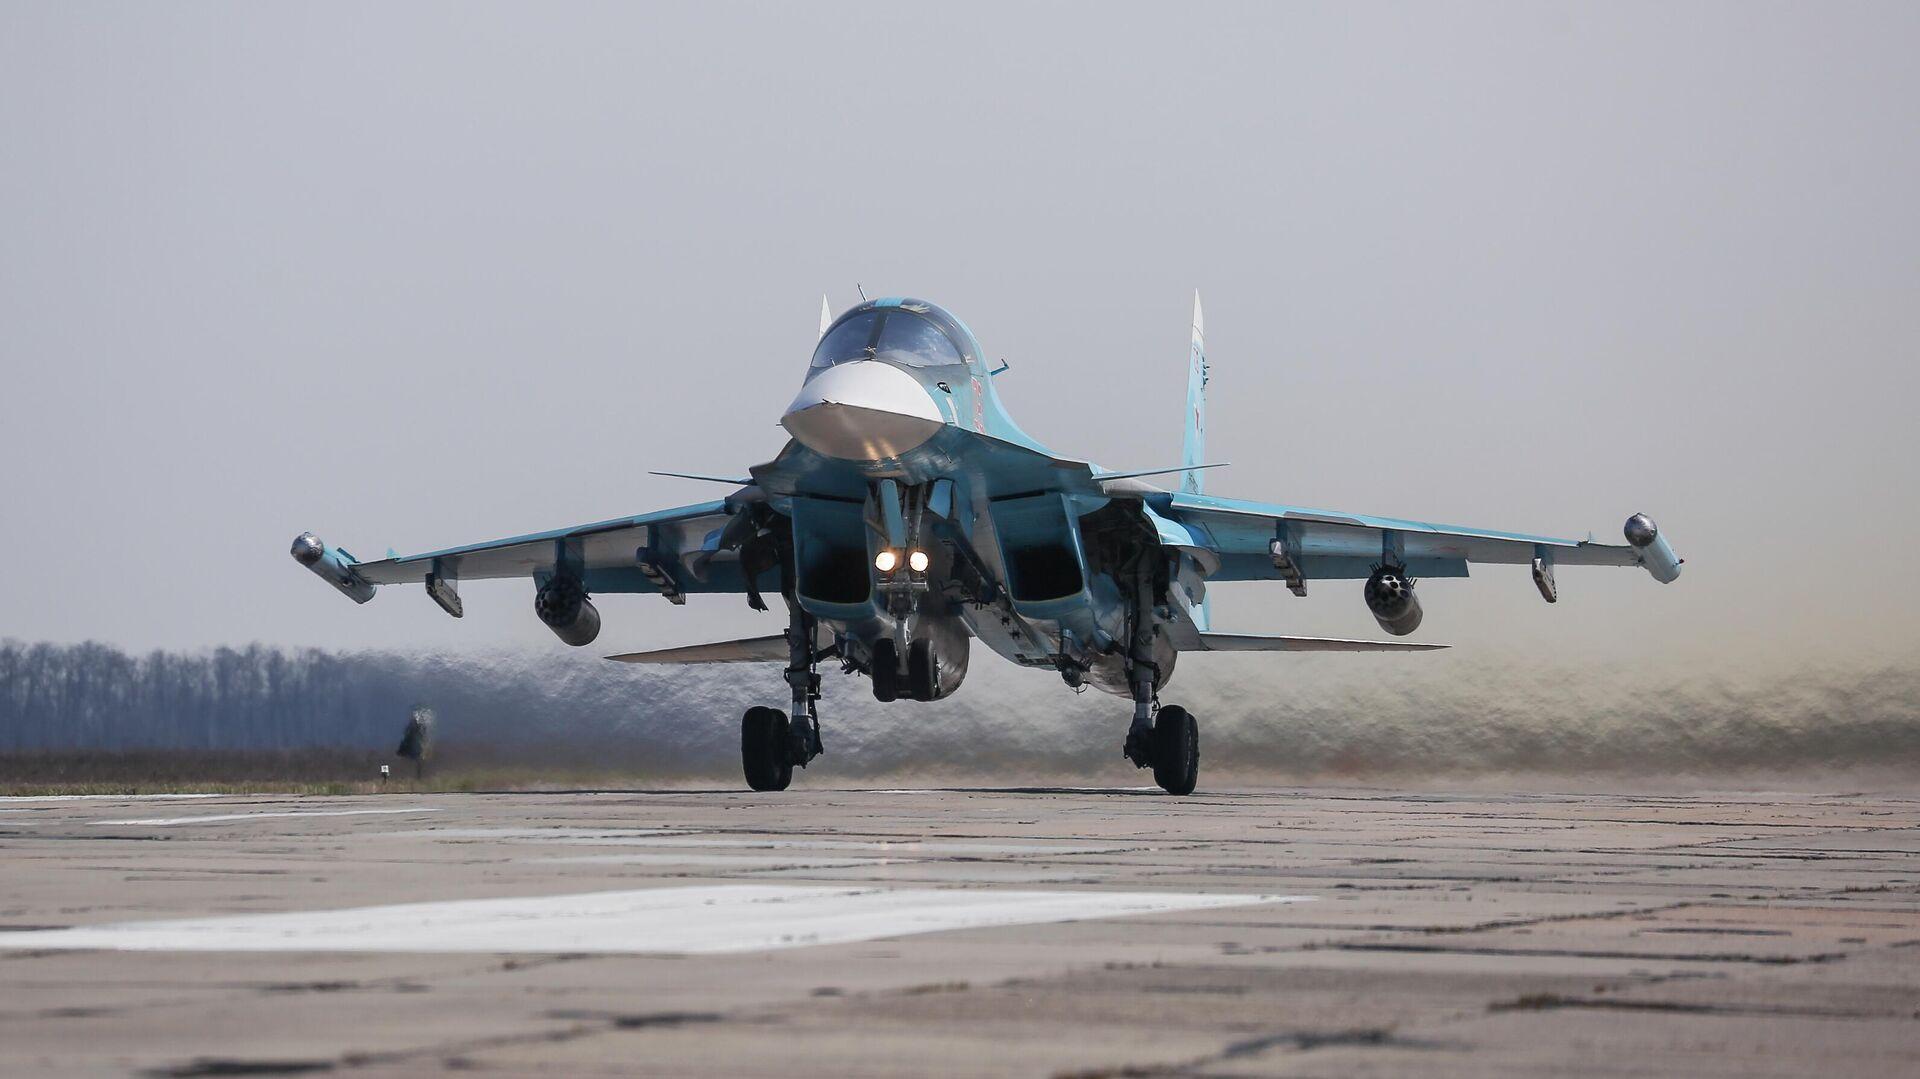 Истребитель-бомбардировщик Су-34  - РИА Новости, 1920, 08.07.2021